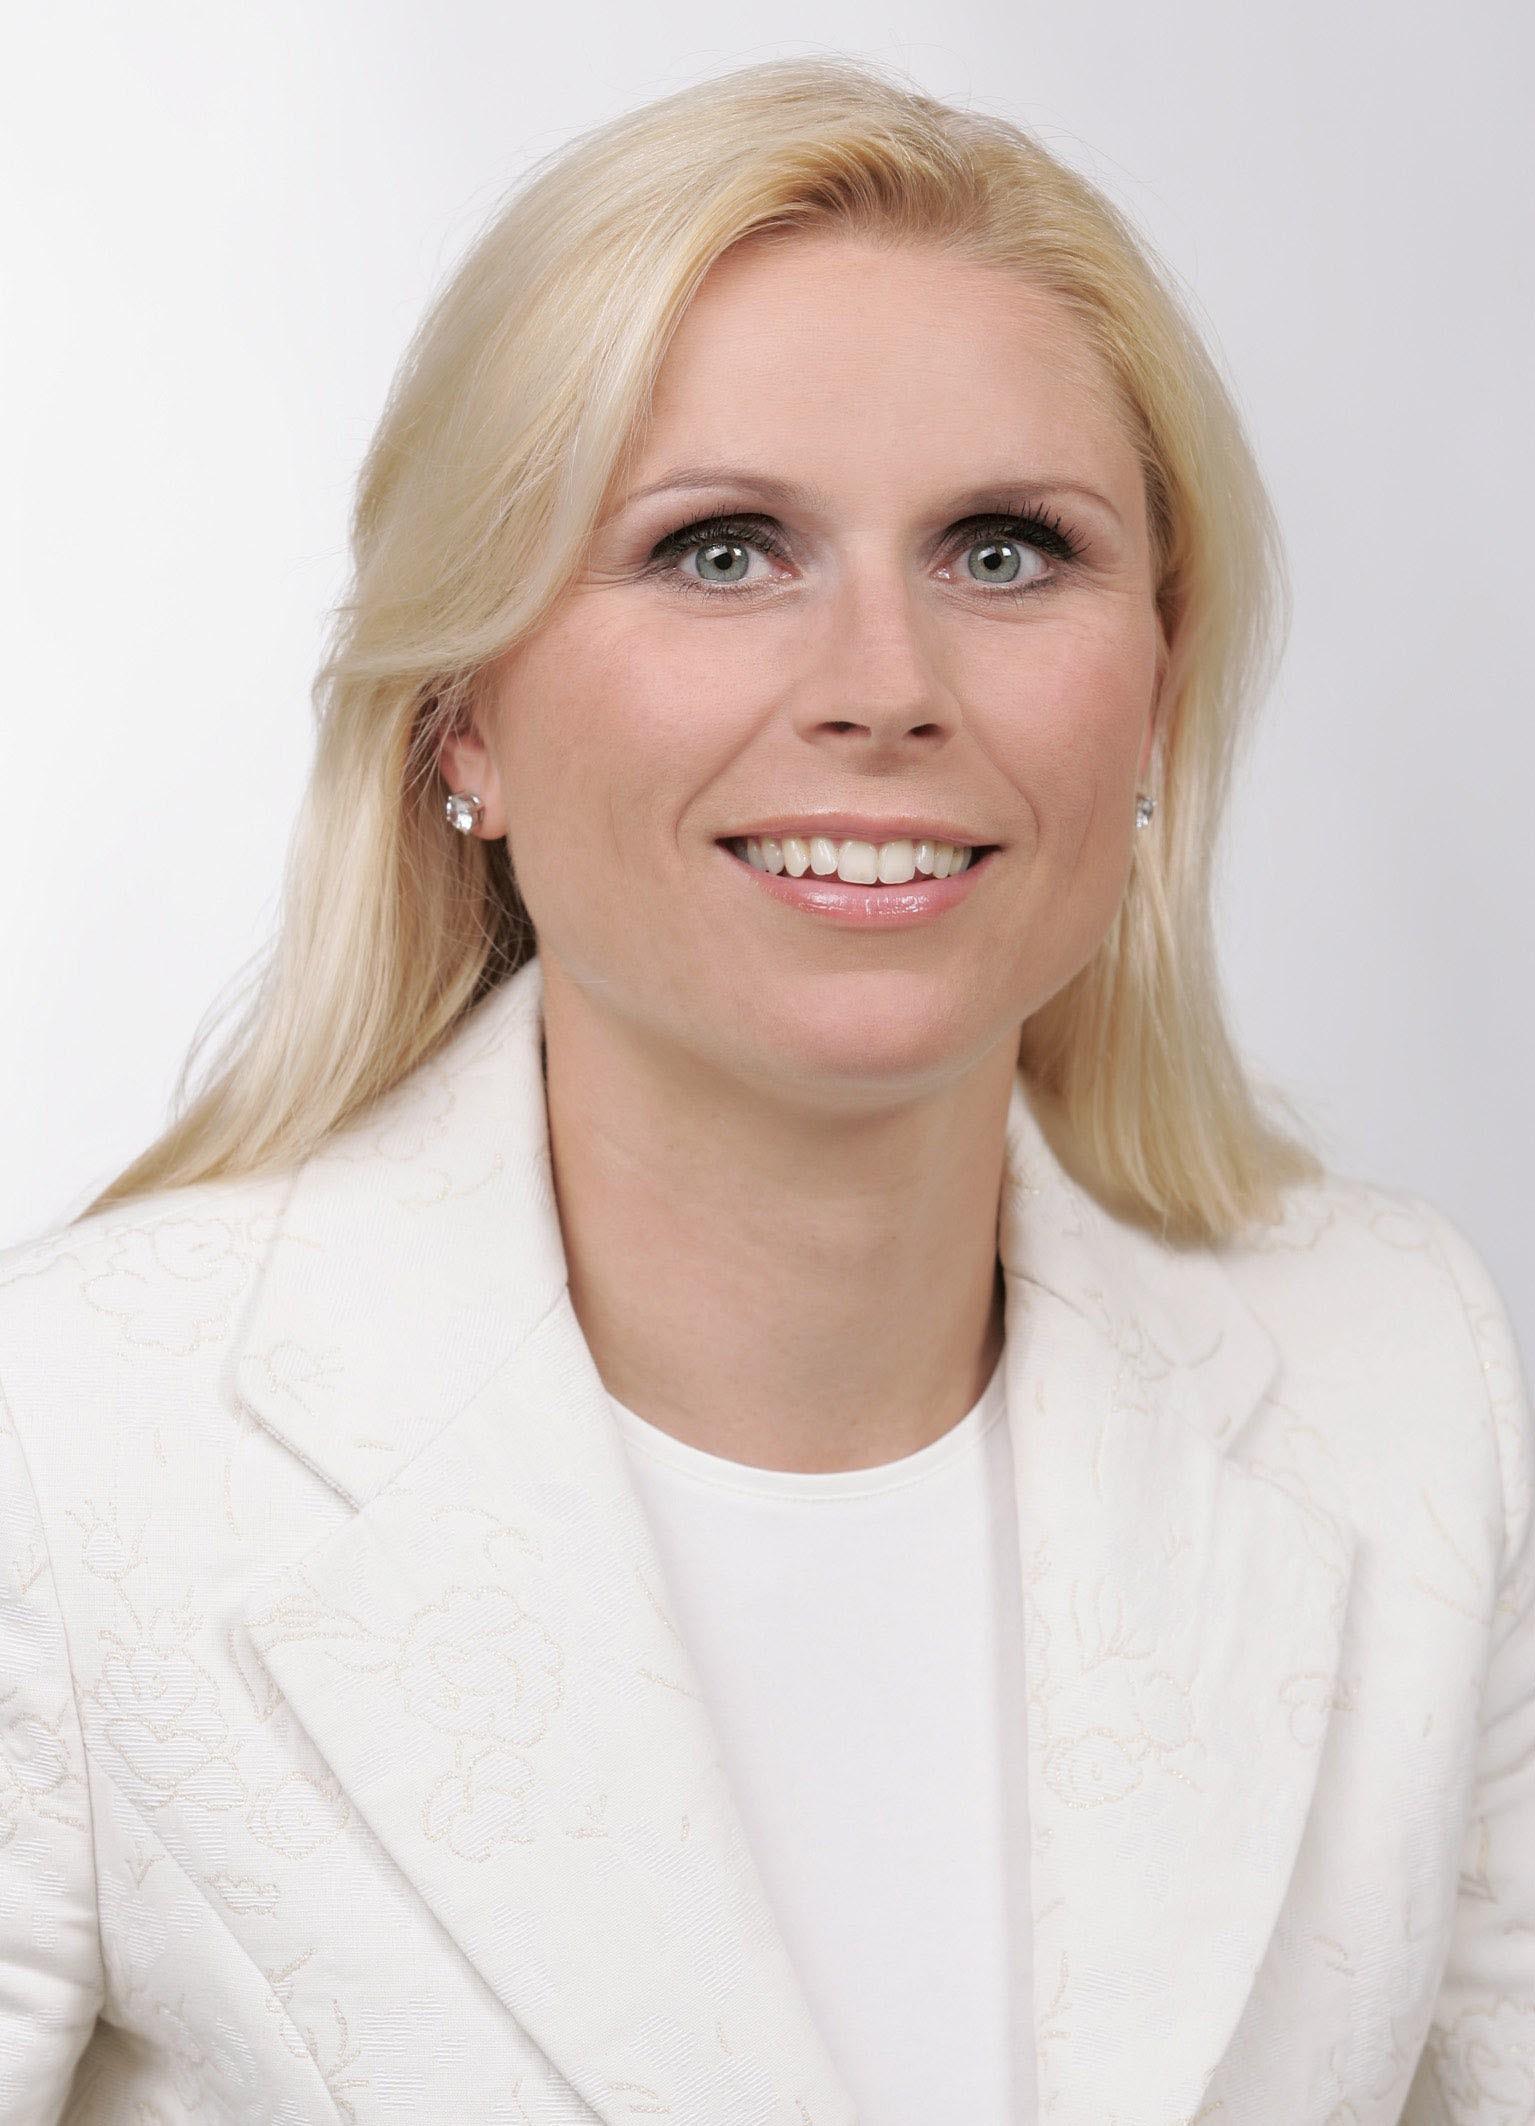 Corinna Tinkler ist bei REWE für die Unternehmenskommunikation zuständig, eine Stelle, die erst mit dem Eintritt der gebürtigen Kärntnerin in den Konzern ... - tinkler